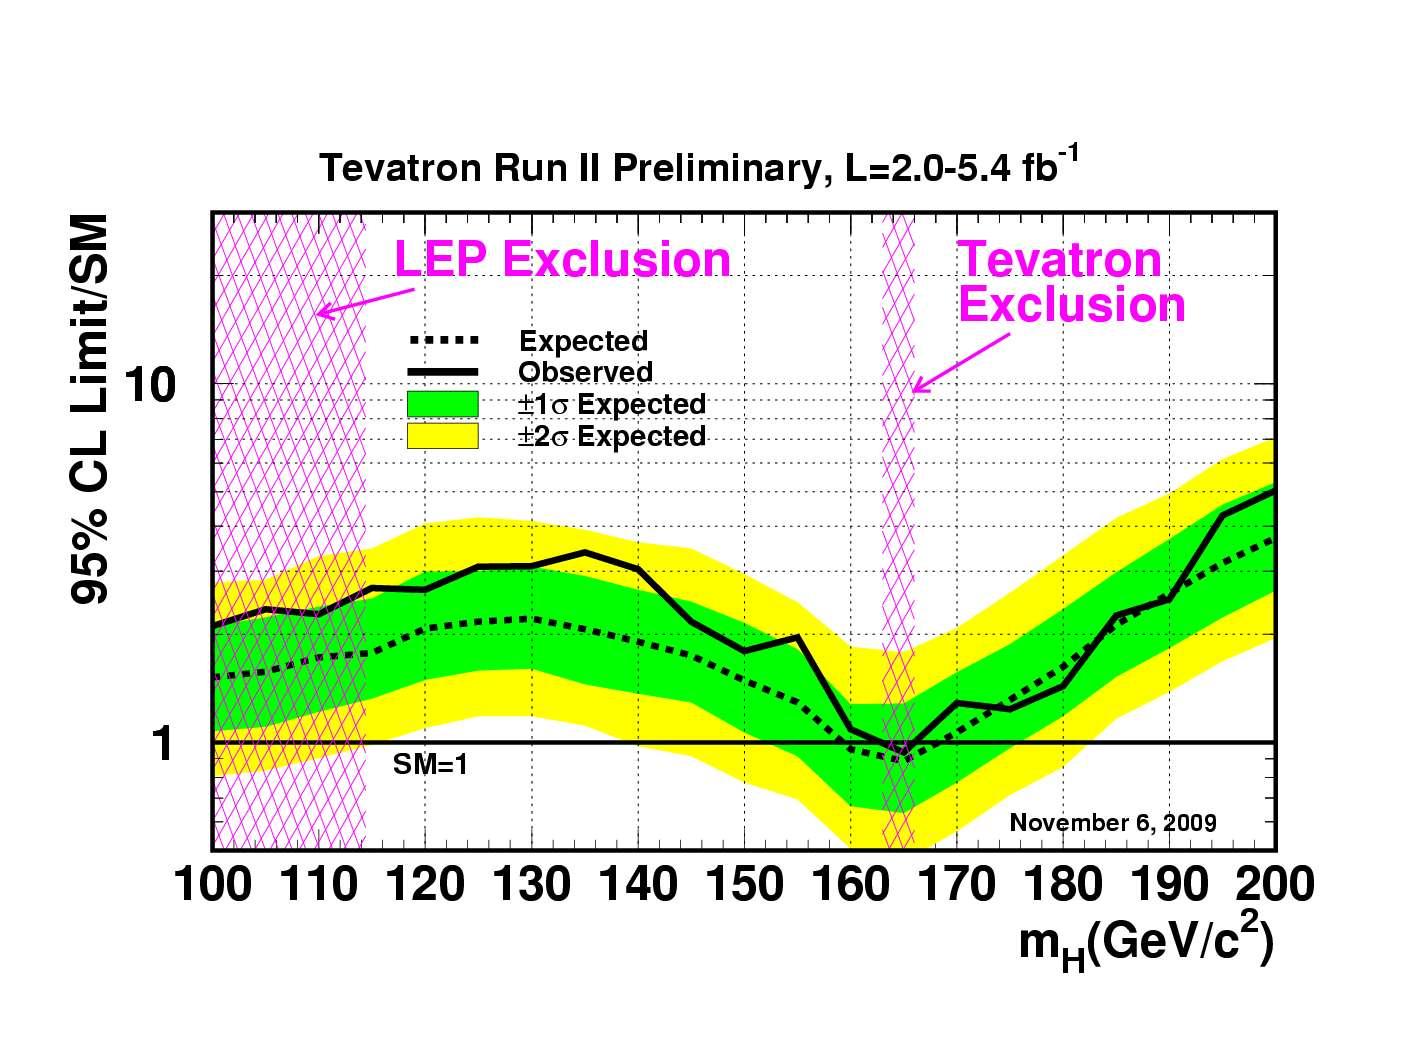 Sur ce schéma, on voit que les nouveaux résultats du Tevatron excluent maintenant la masse du boson de Higgs à 95% dans une bande comprise entre 163 et166 GeV. Crédit : Fermilab